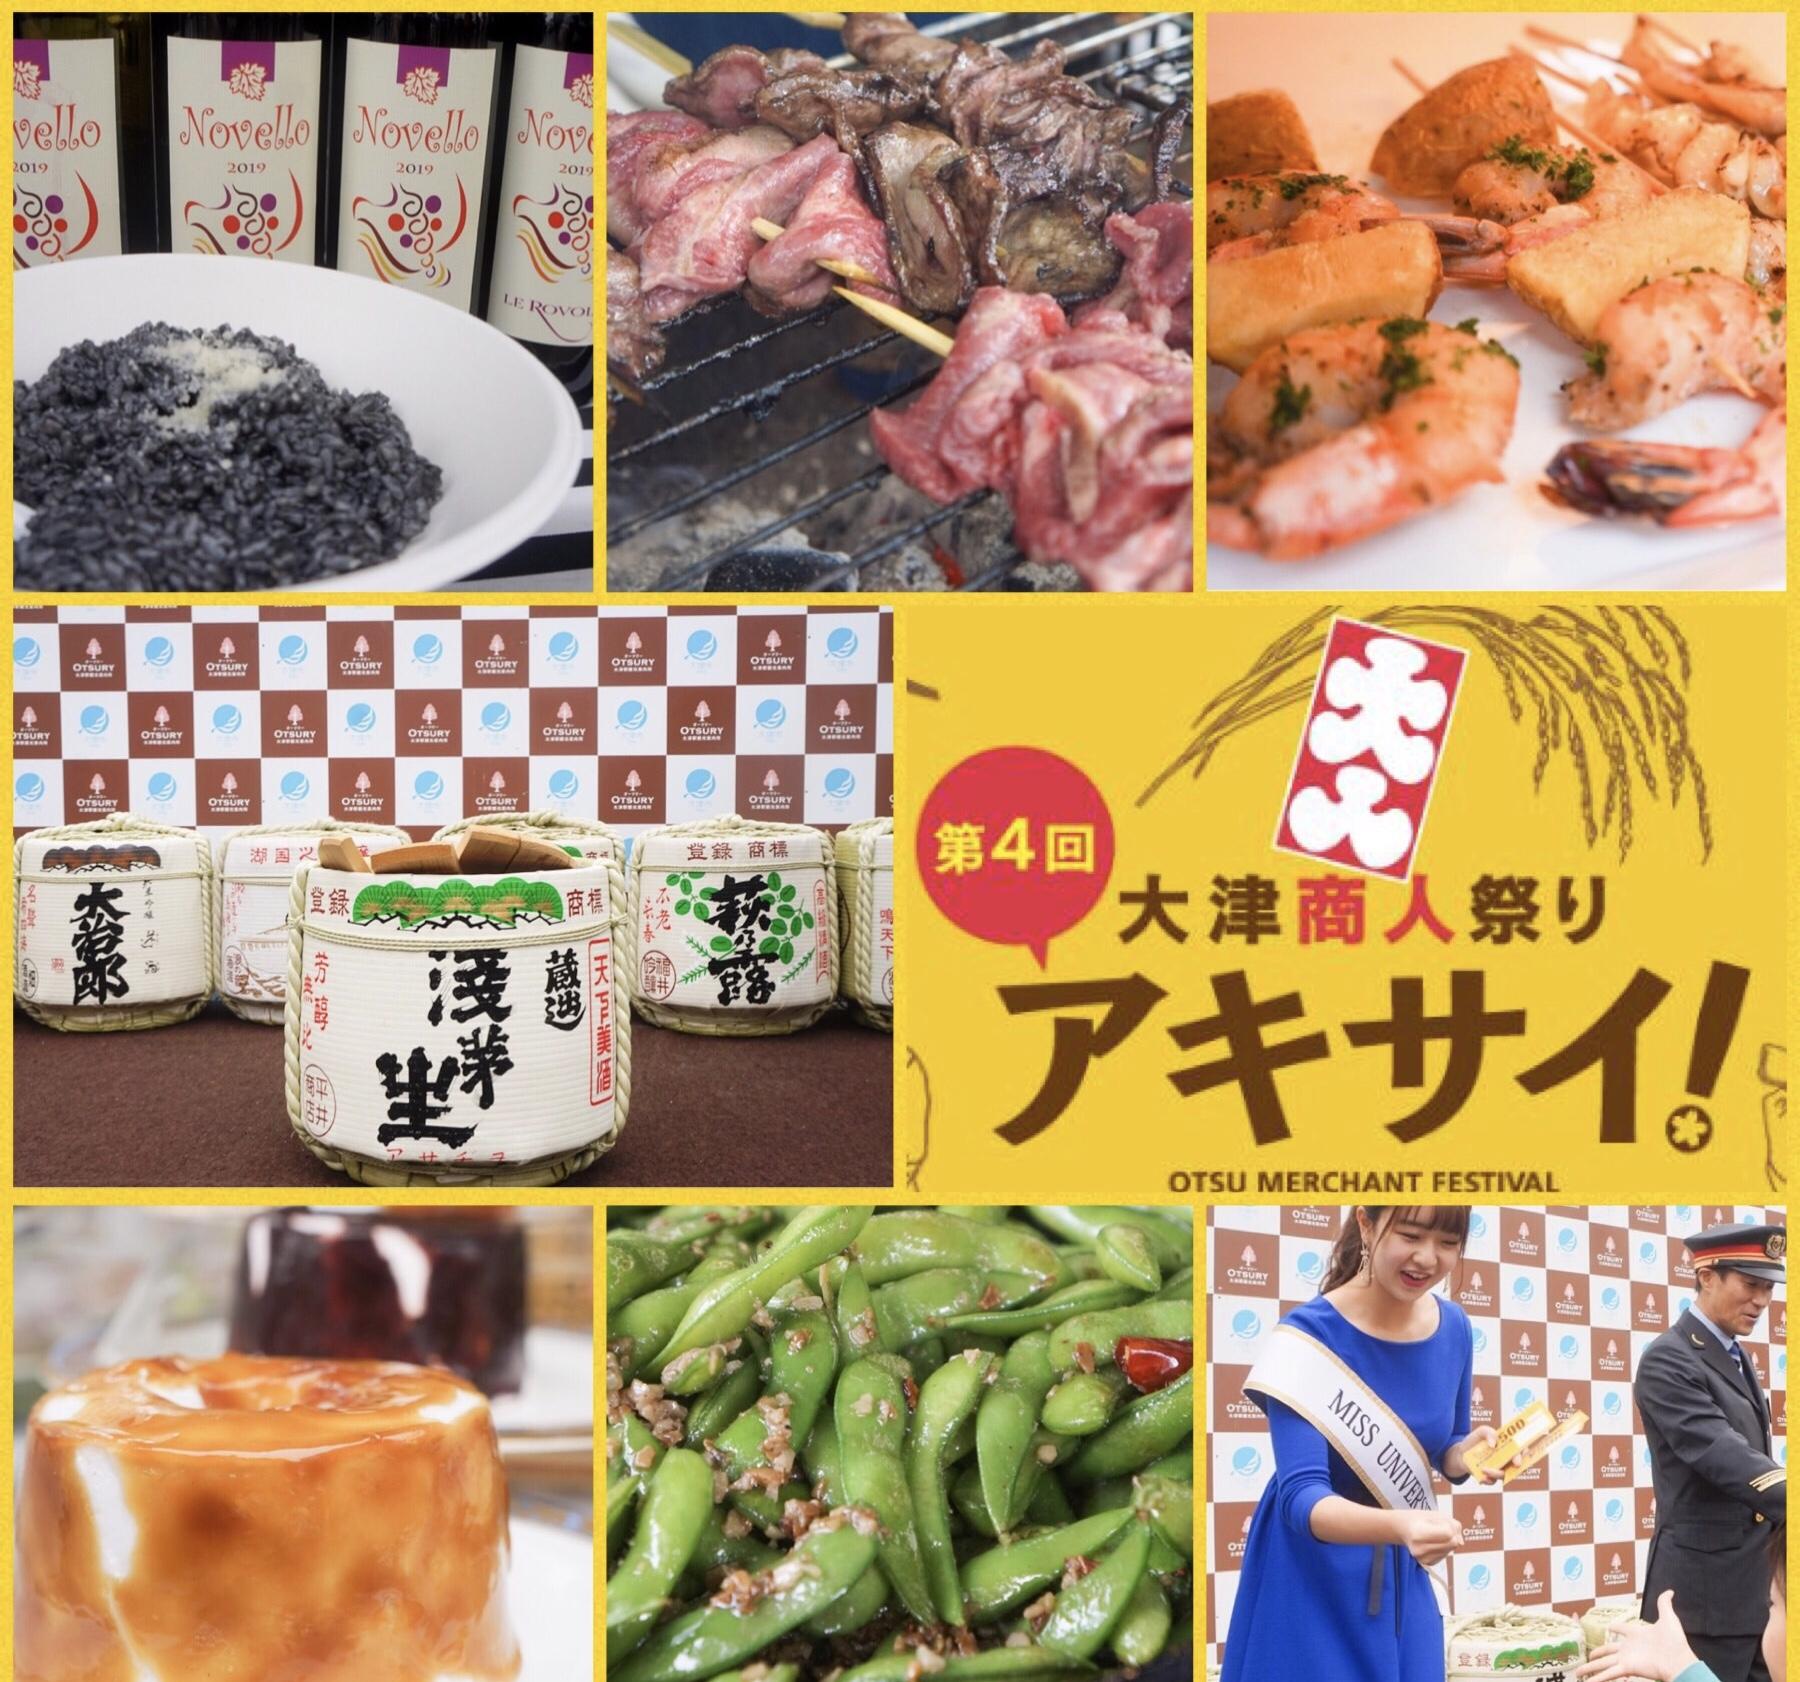 【11/3(日)】アキサイ!に行ってきた♪大津のうまいもん&滋賀の酒蔵七蔵勢ぞろい!お得なじゃんけん大会に楽しいイベント♪